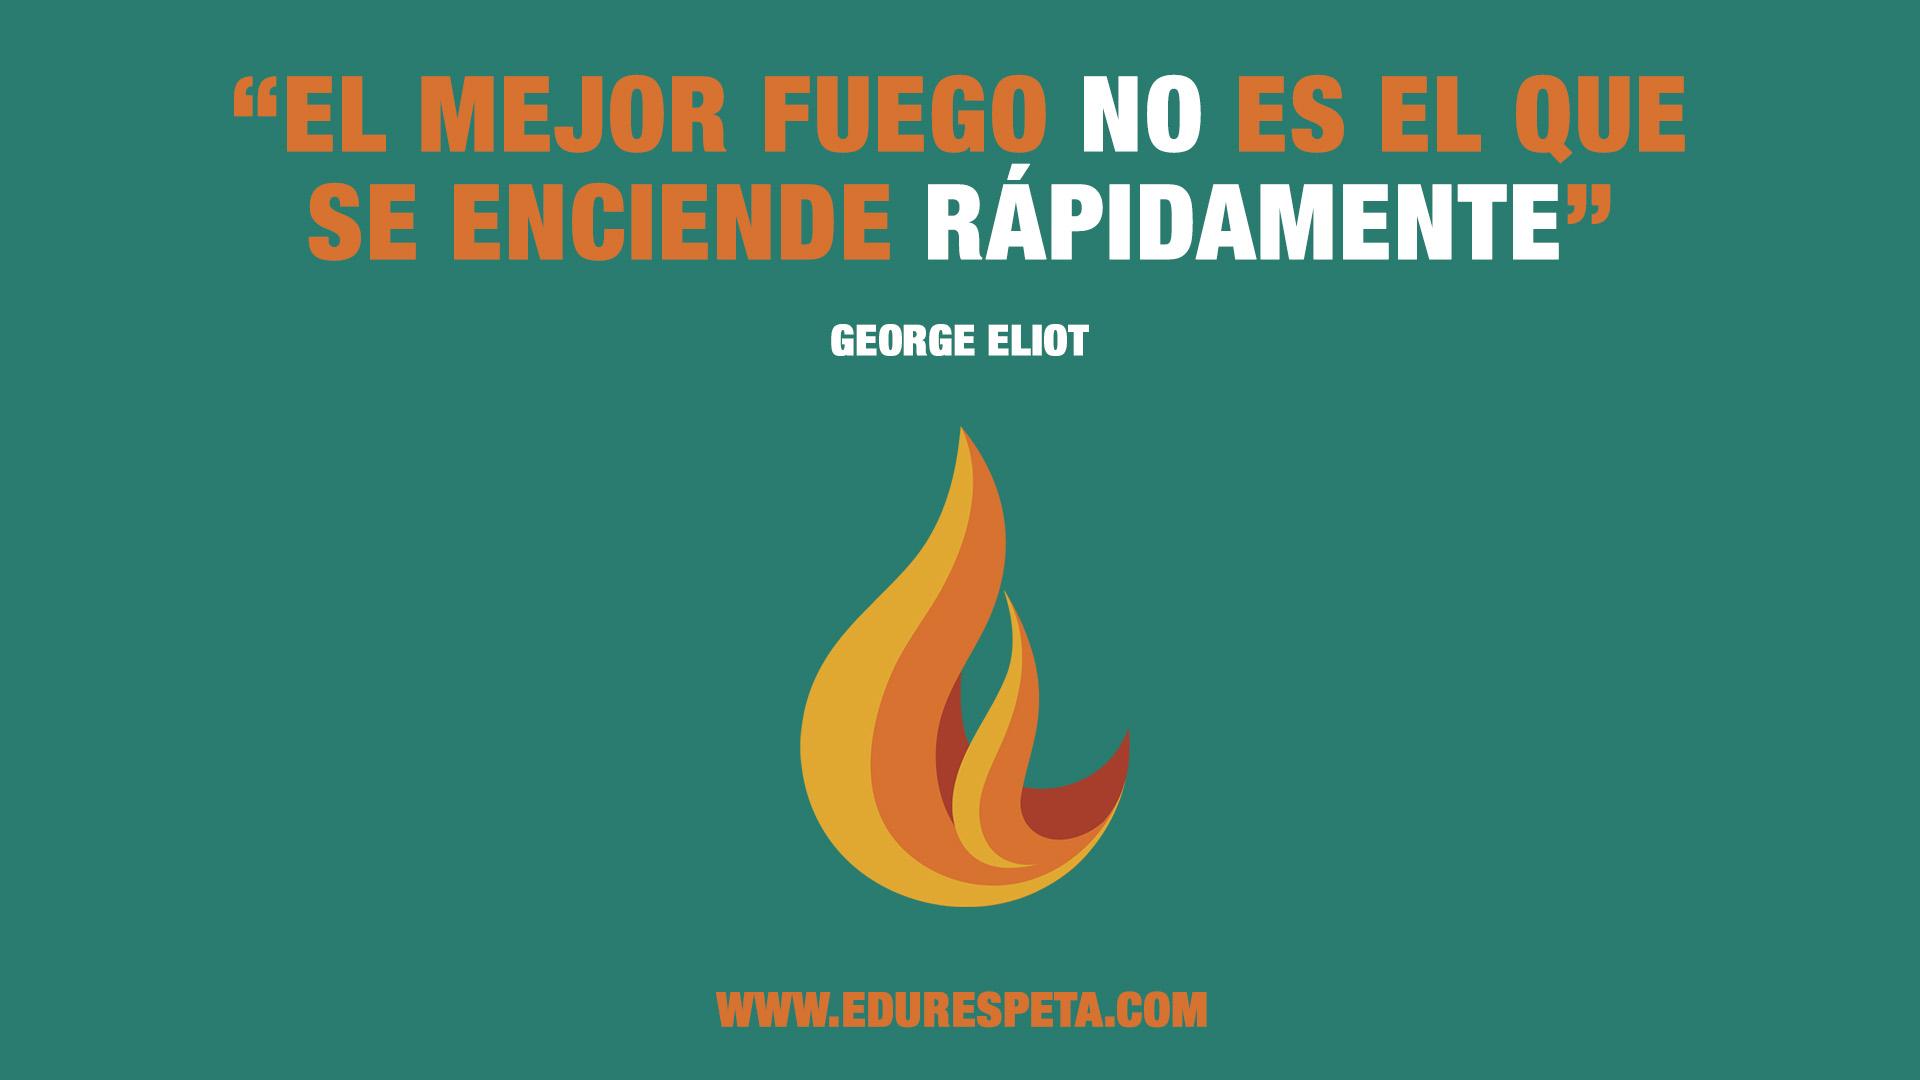 El mejor fuego no es el que se enciende rápidamente